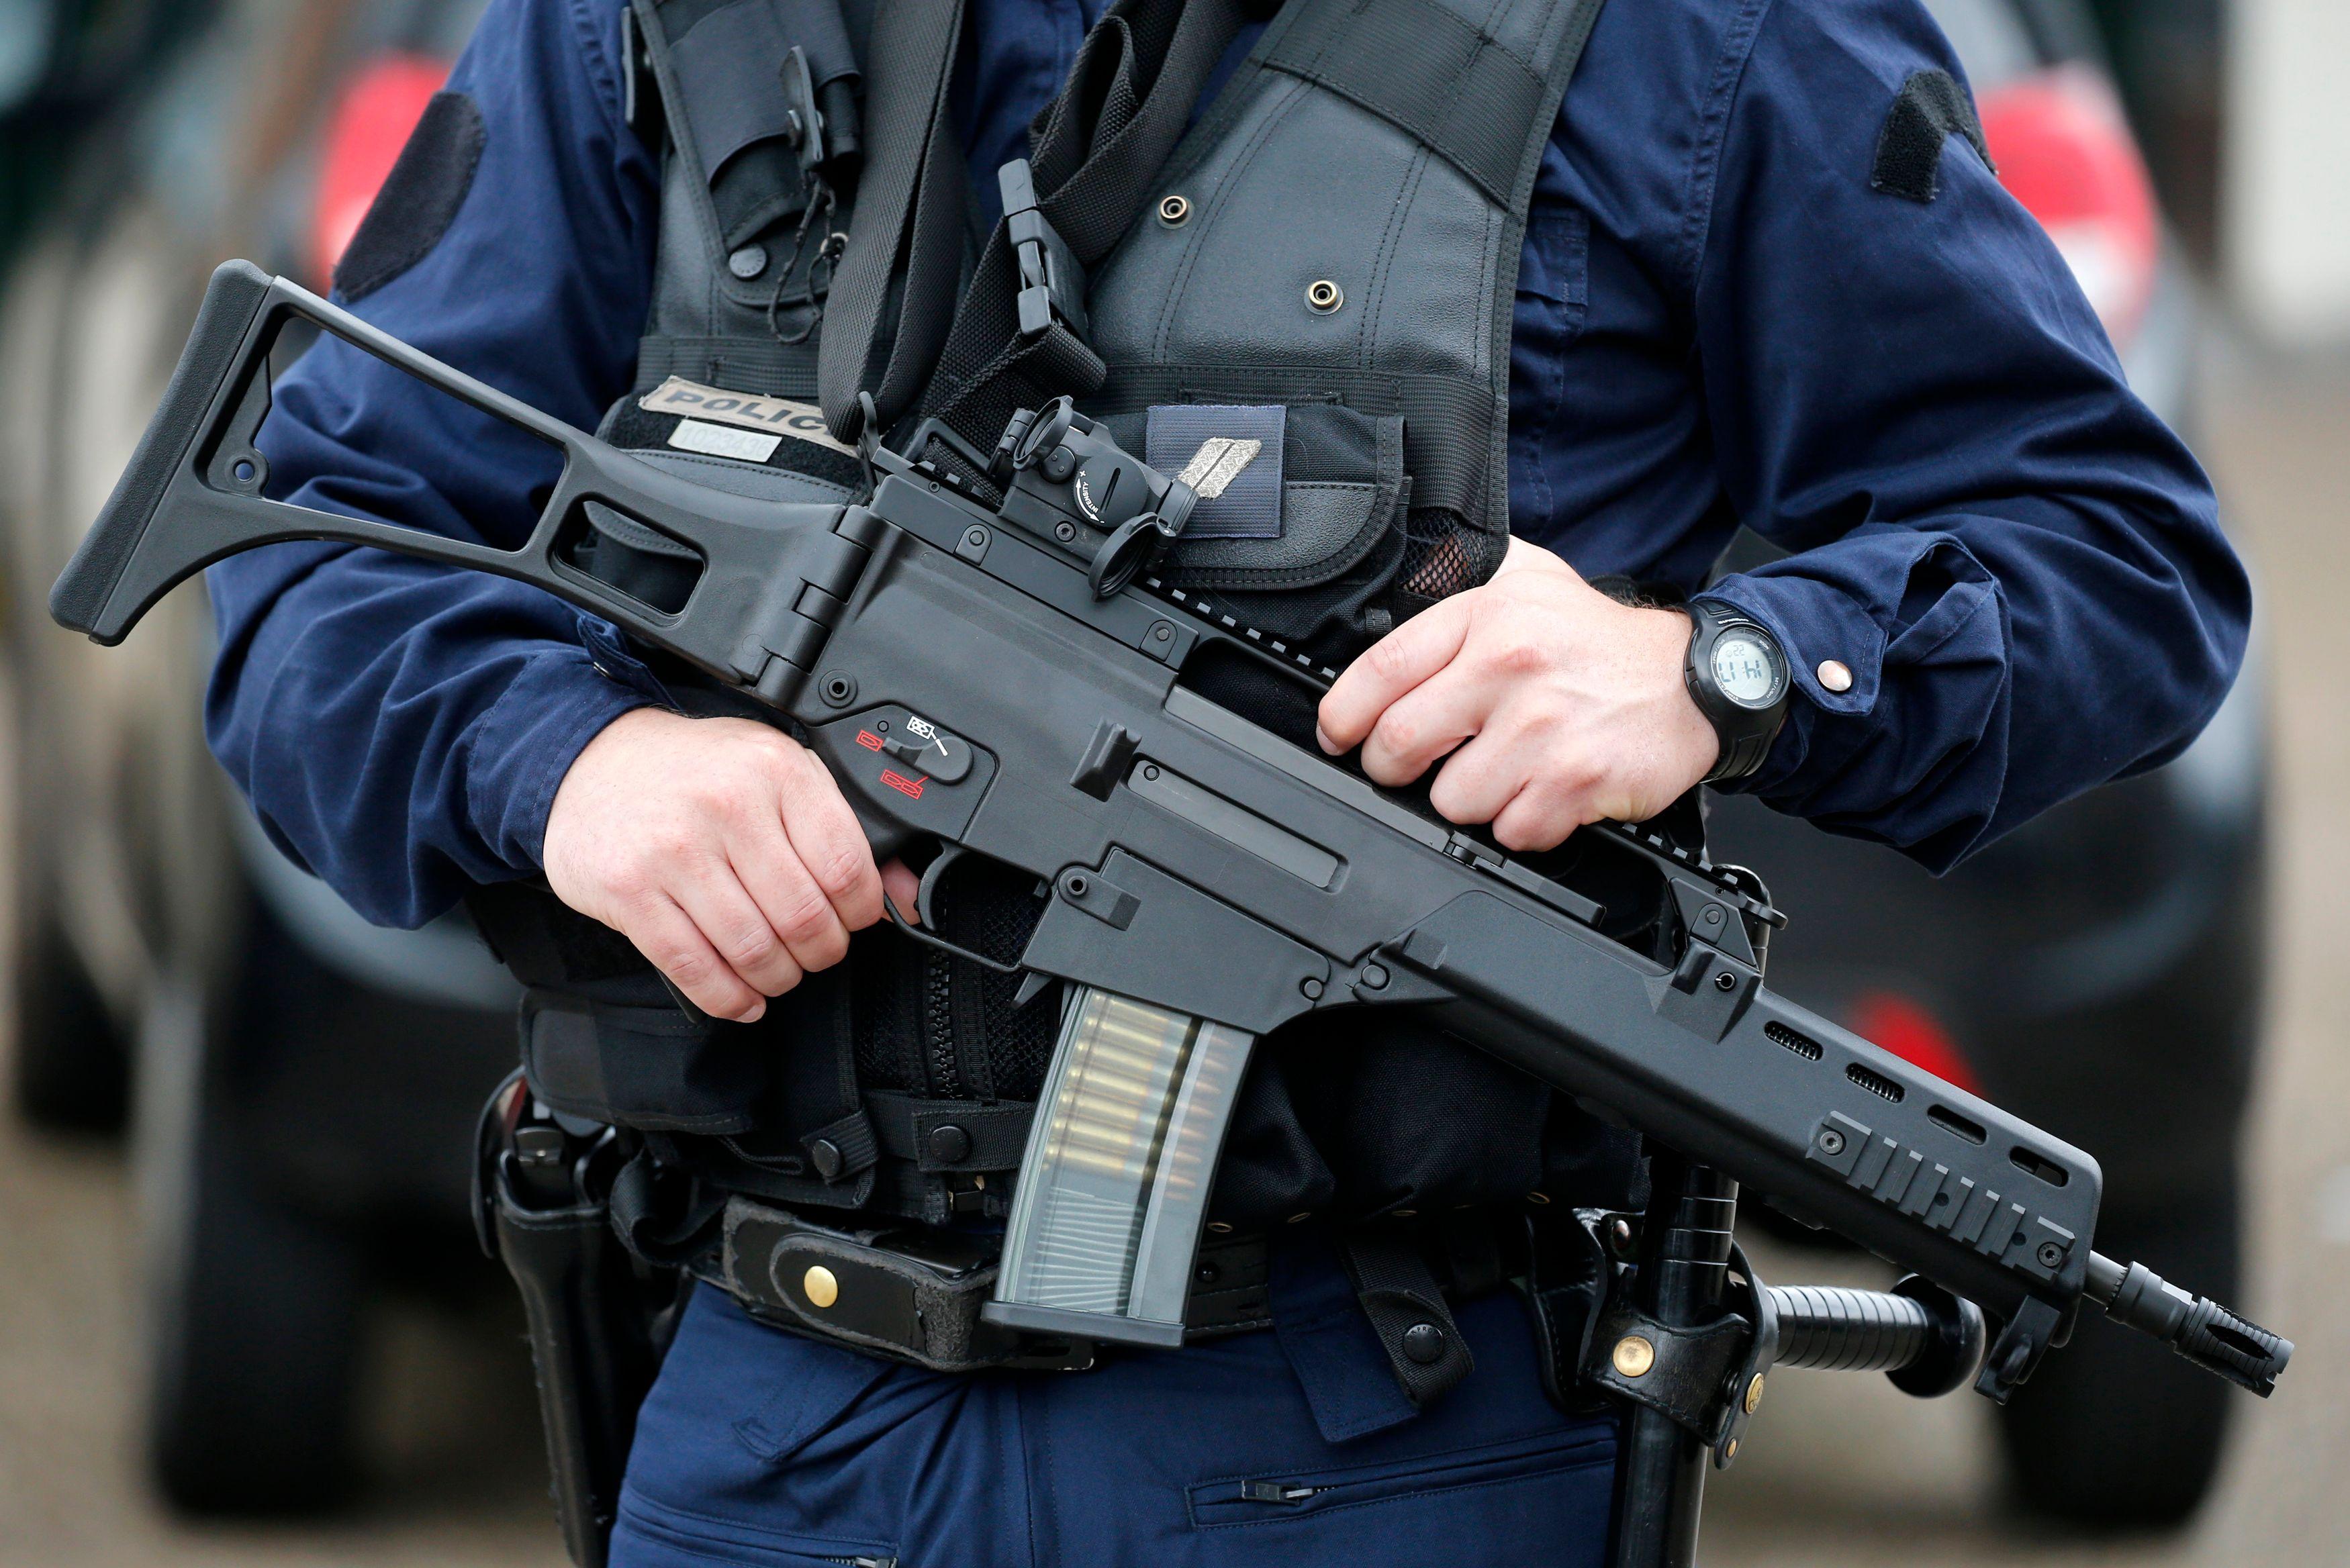 Les Français sont désormais plus préoccupés par le terrorisme que par le chômage